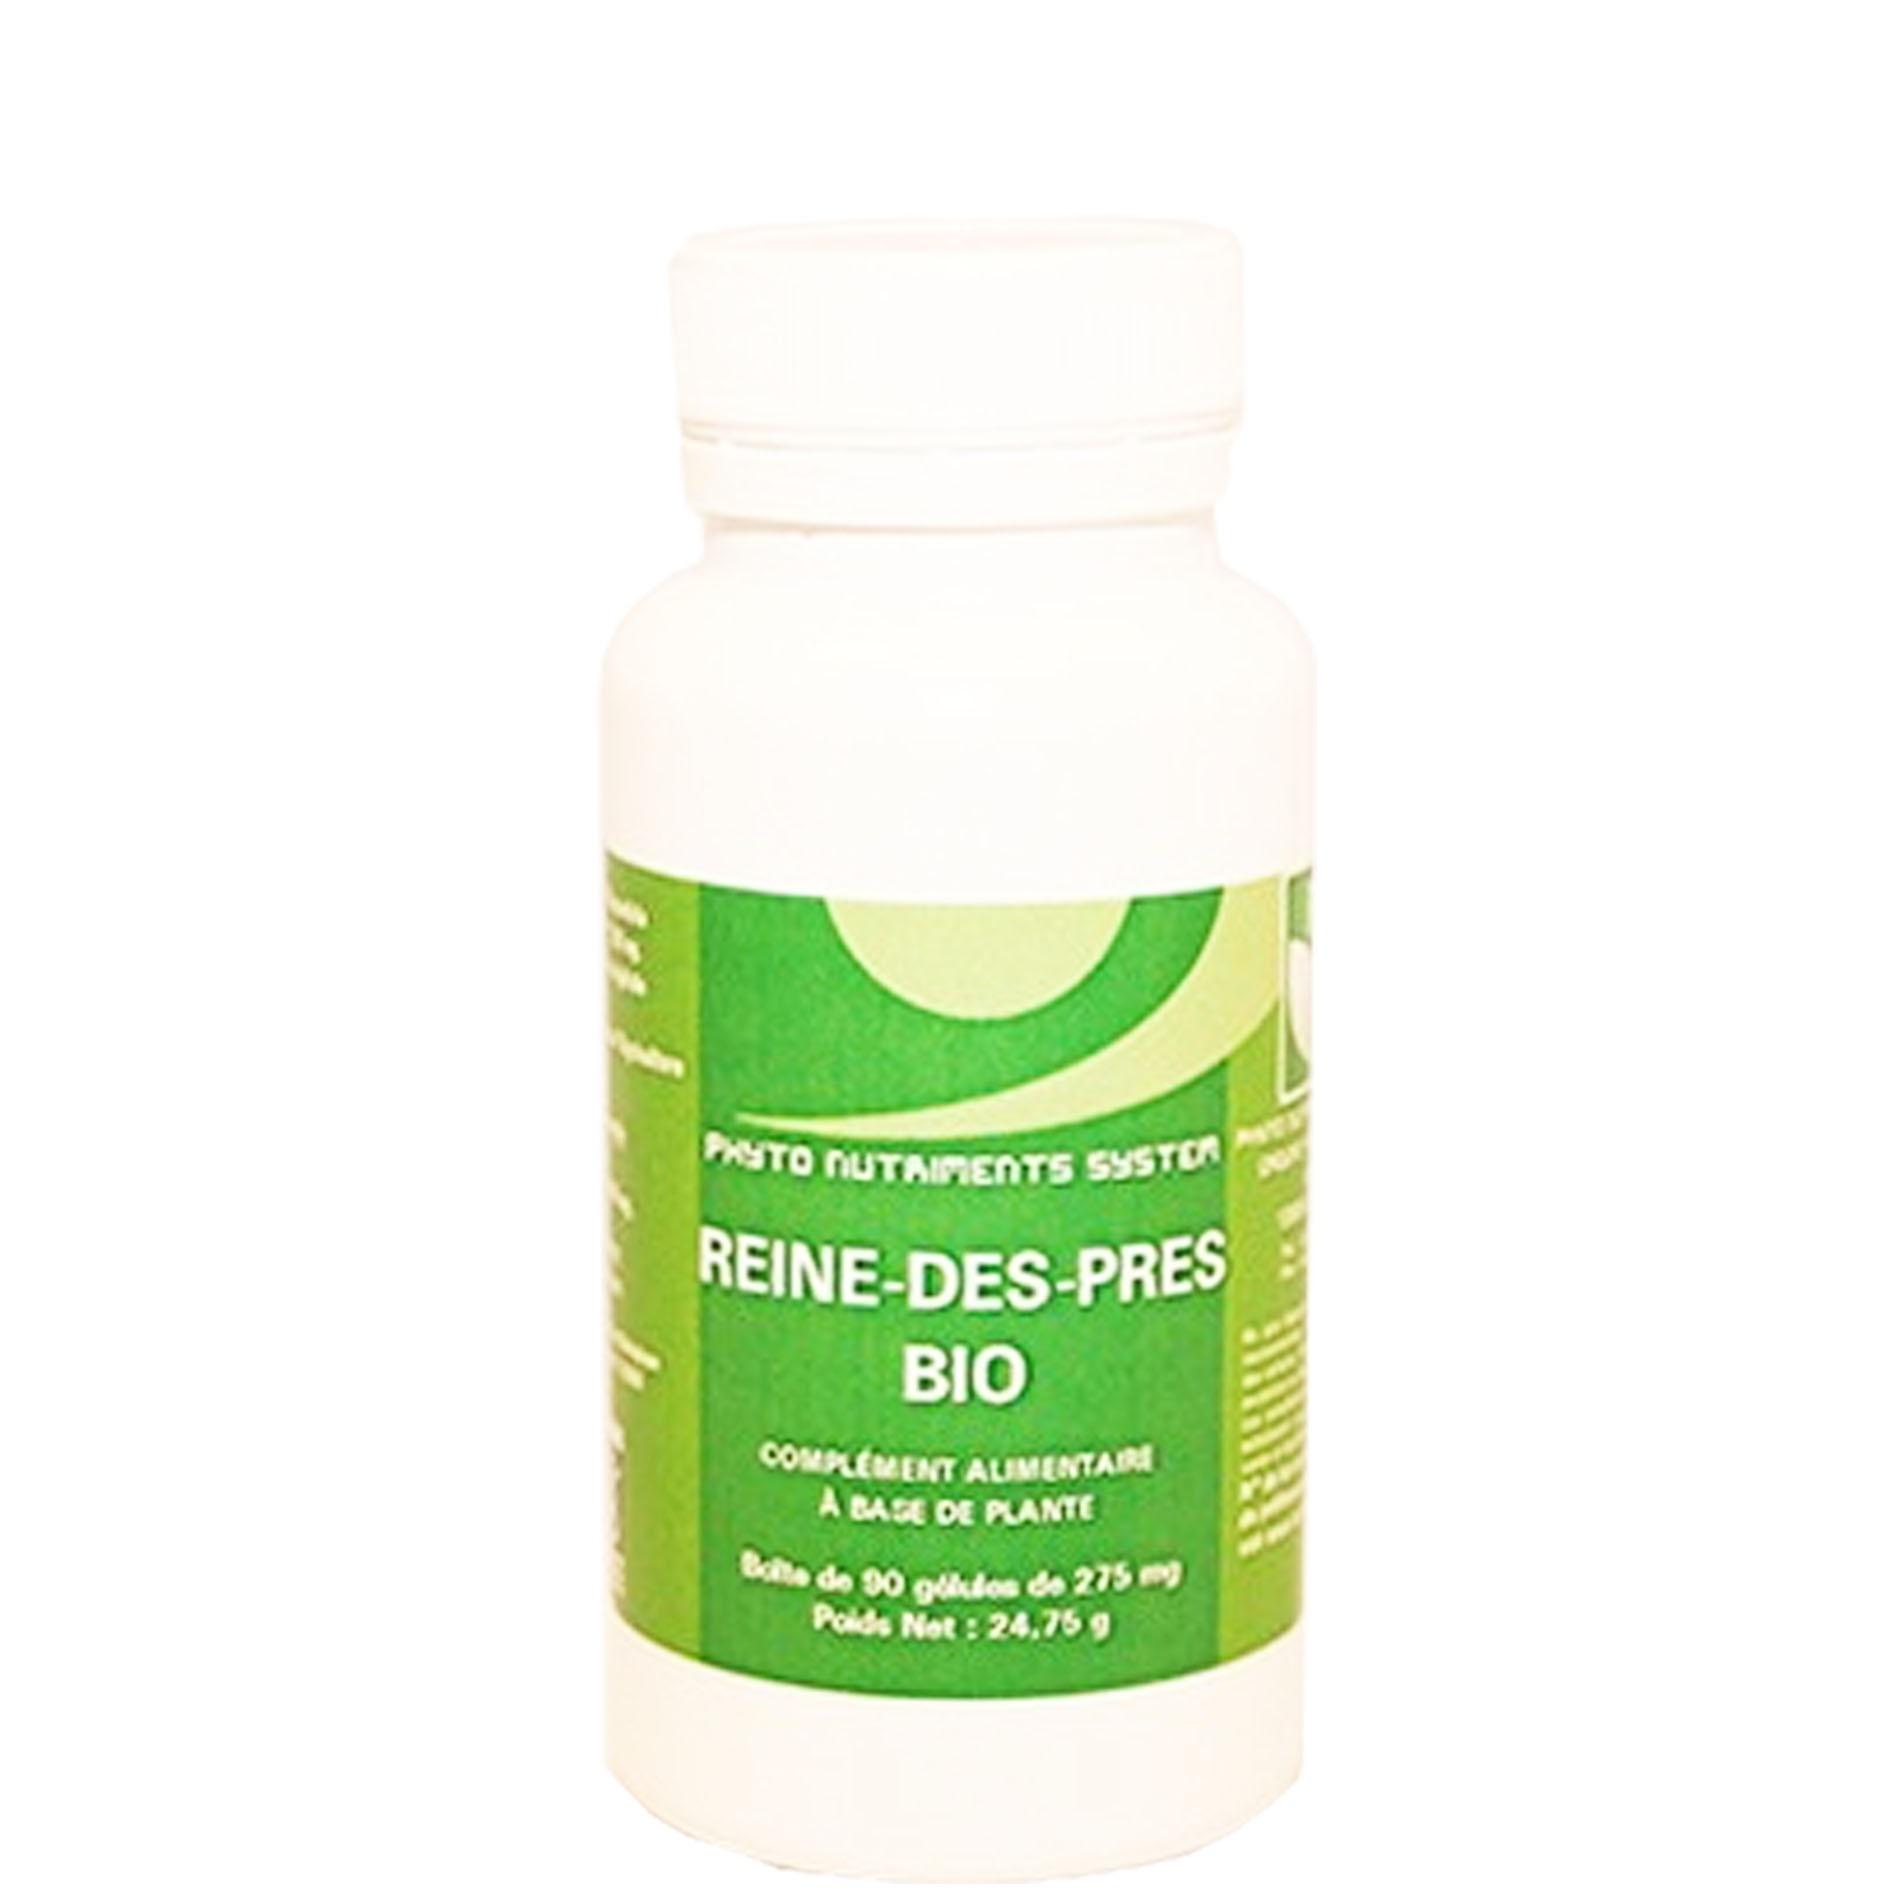 phytotherapie-reine-des-pres-bio